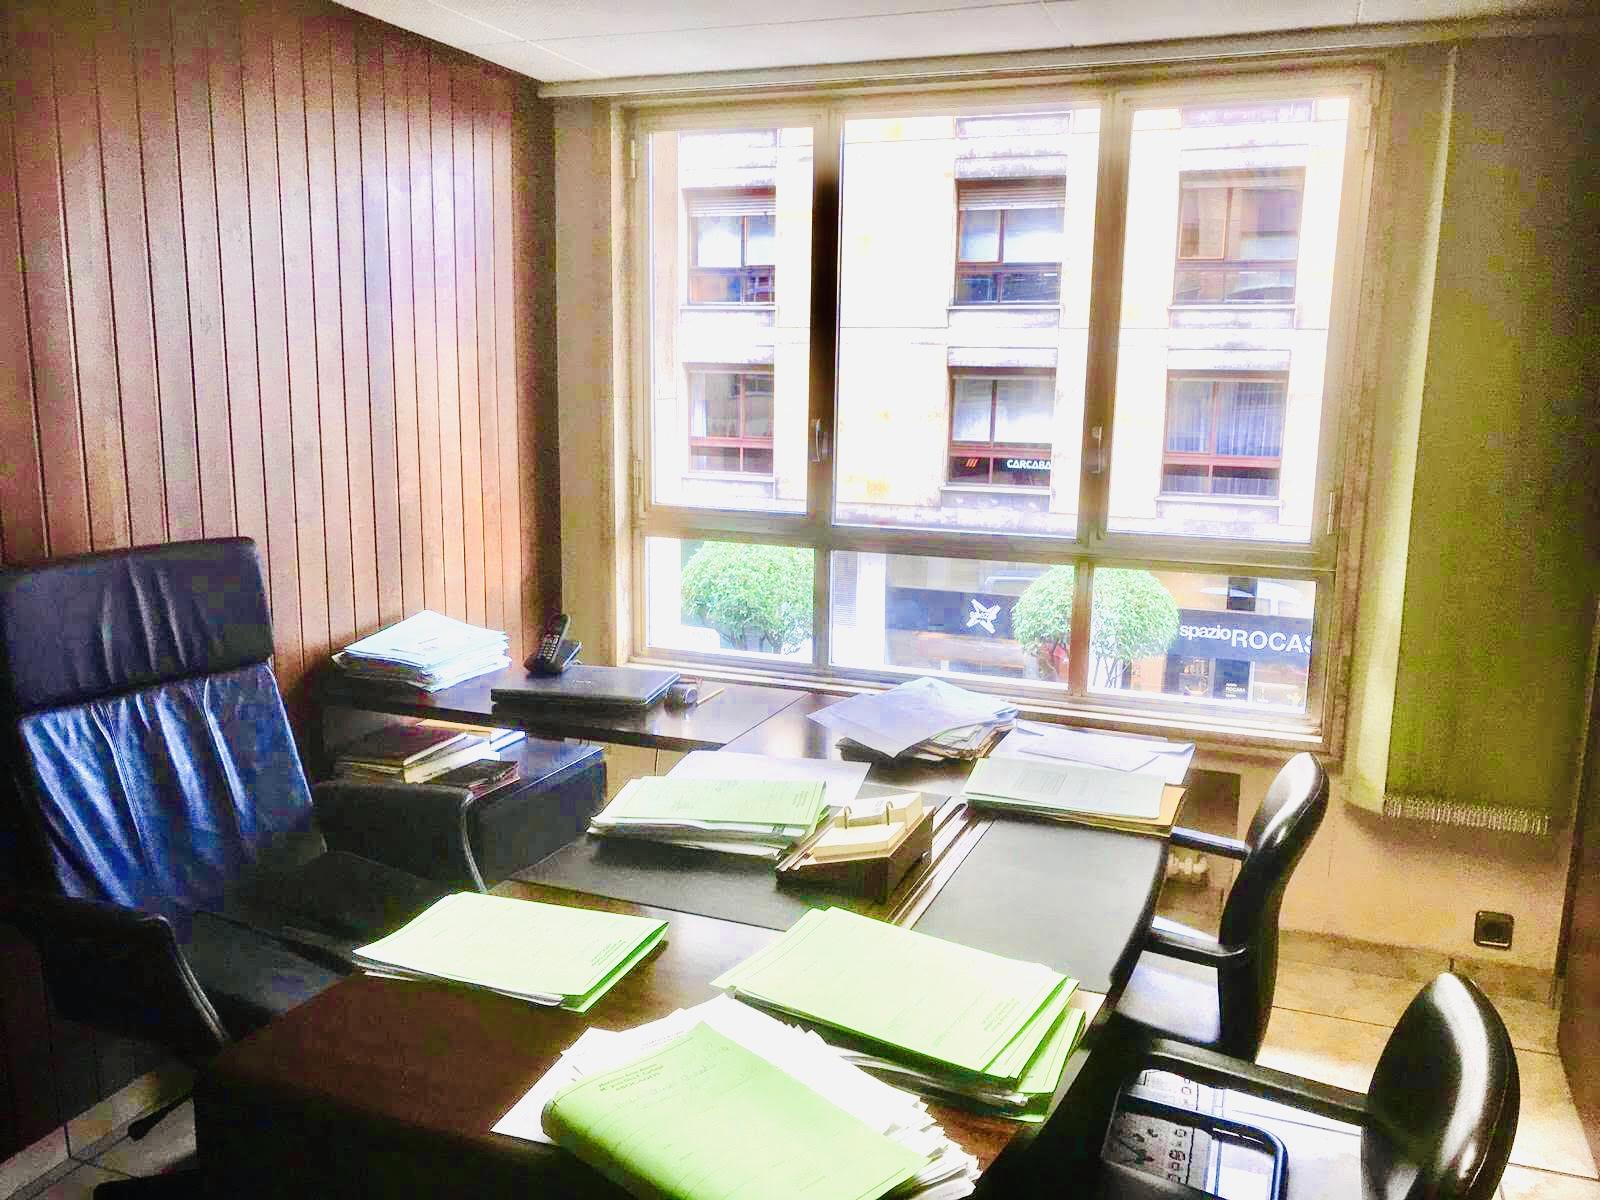 Alquiler de oficina en la calle Asturias, en Oviedo.